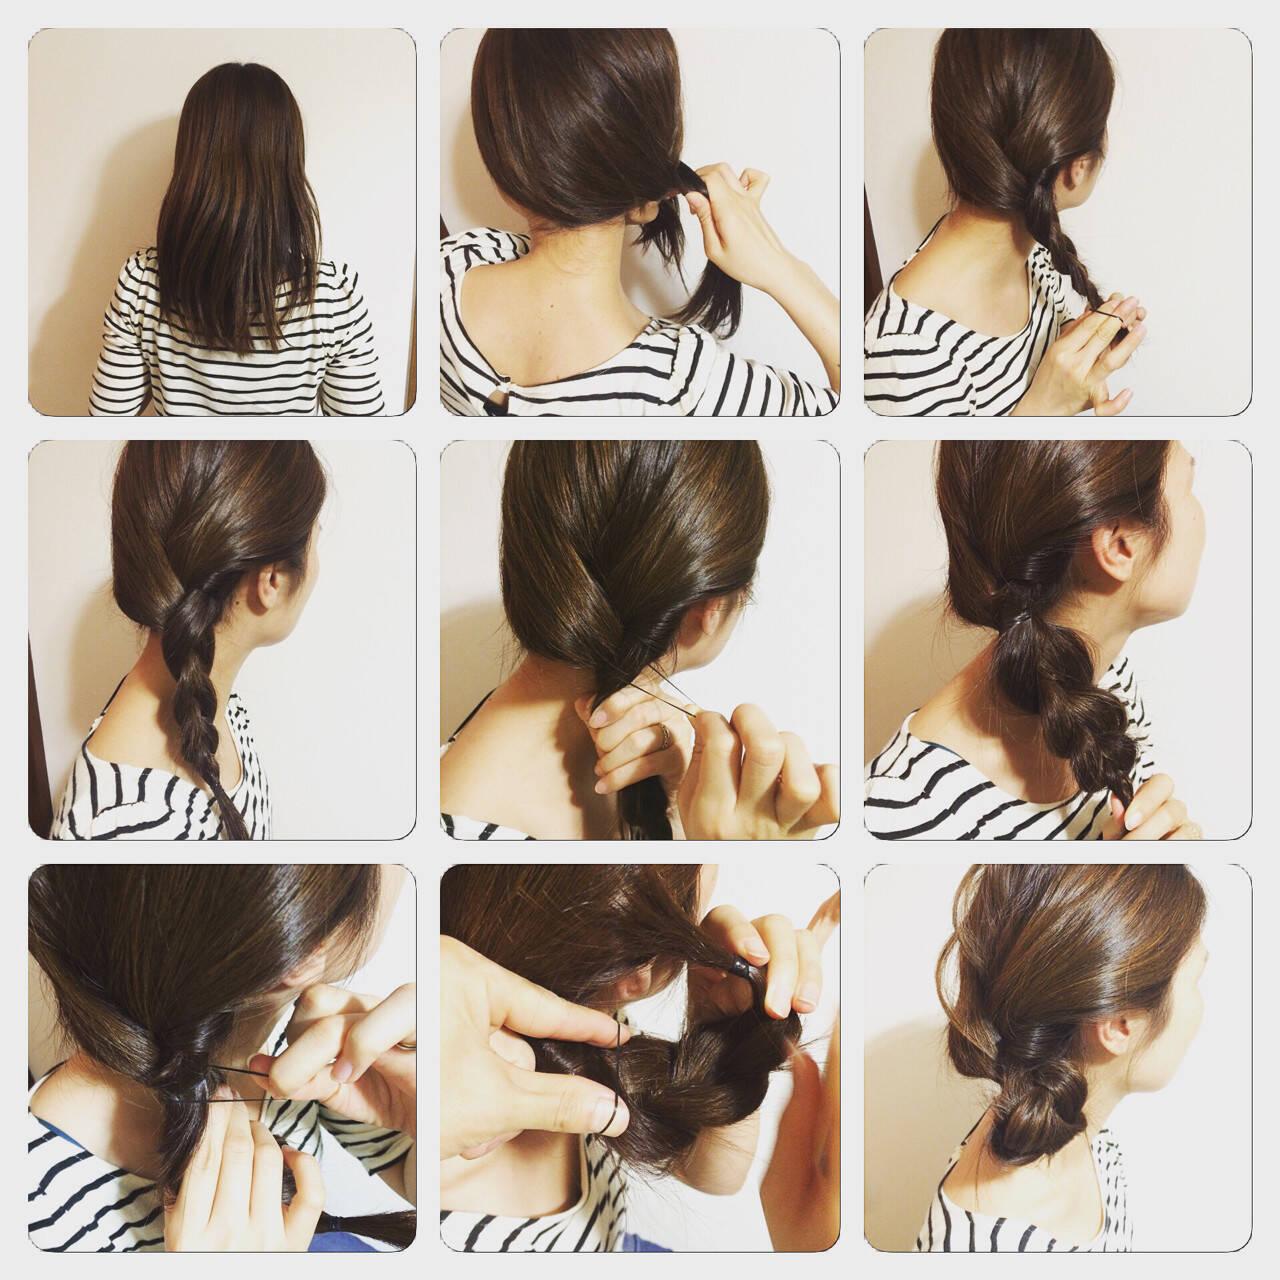 シニヨン ショート ヘアアレンジ 簡単ヘアアレンジヘアスタイルや髪型の写真・画像